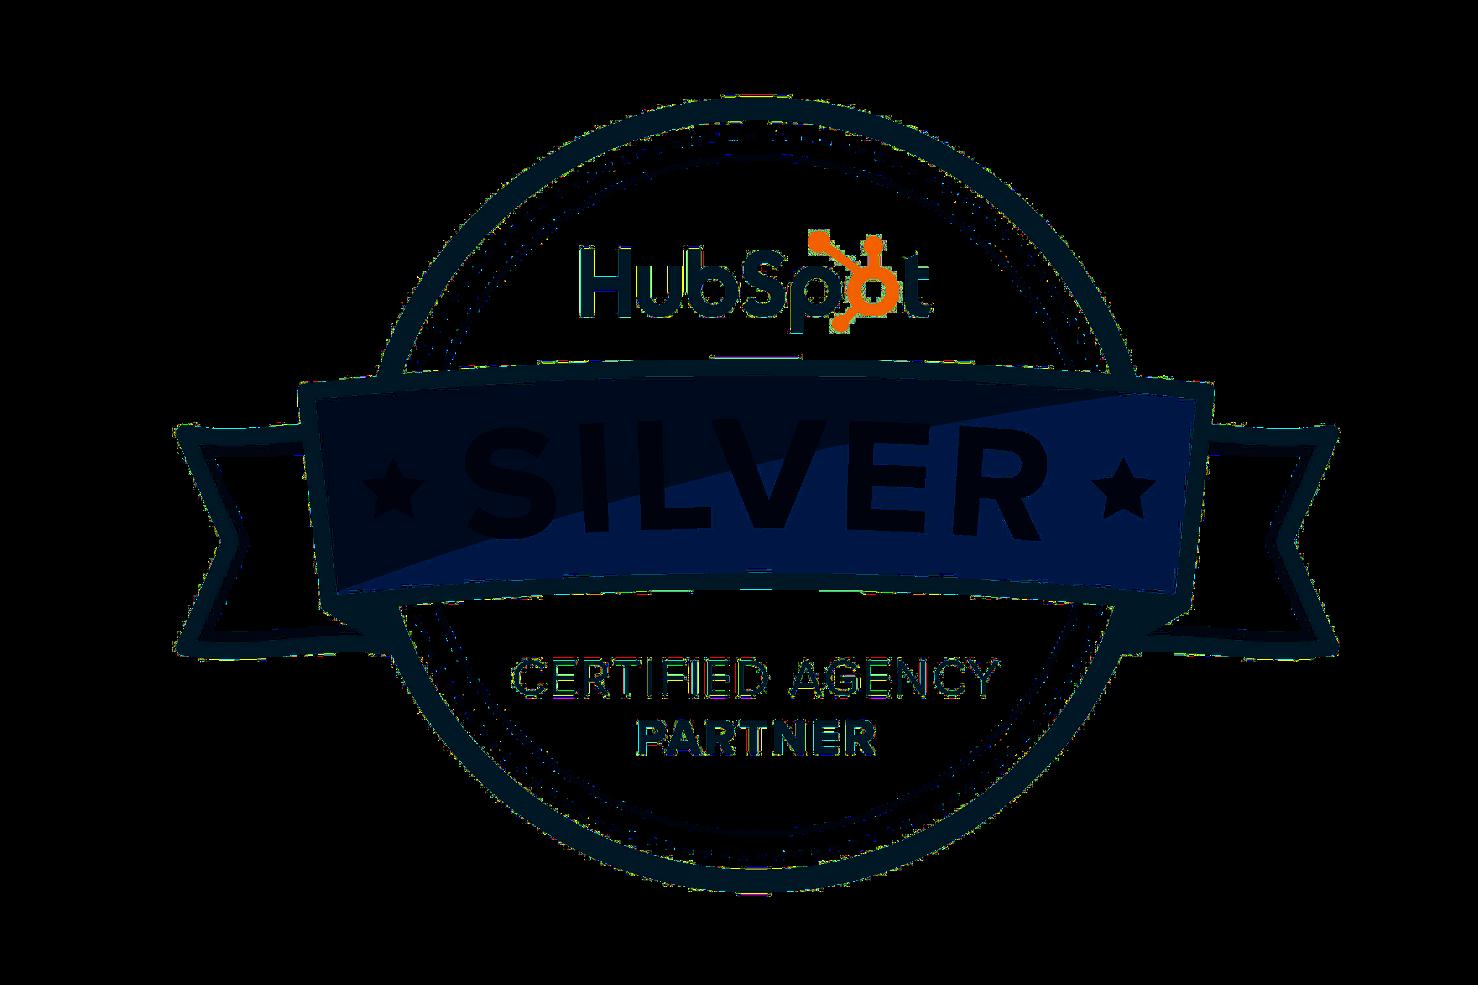 partner_badges_final-01-332720-edited.png